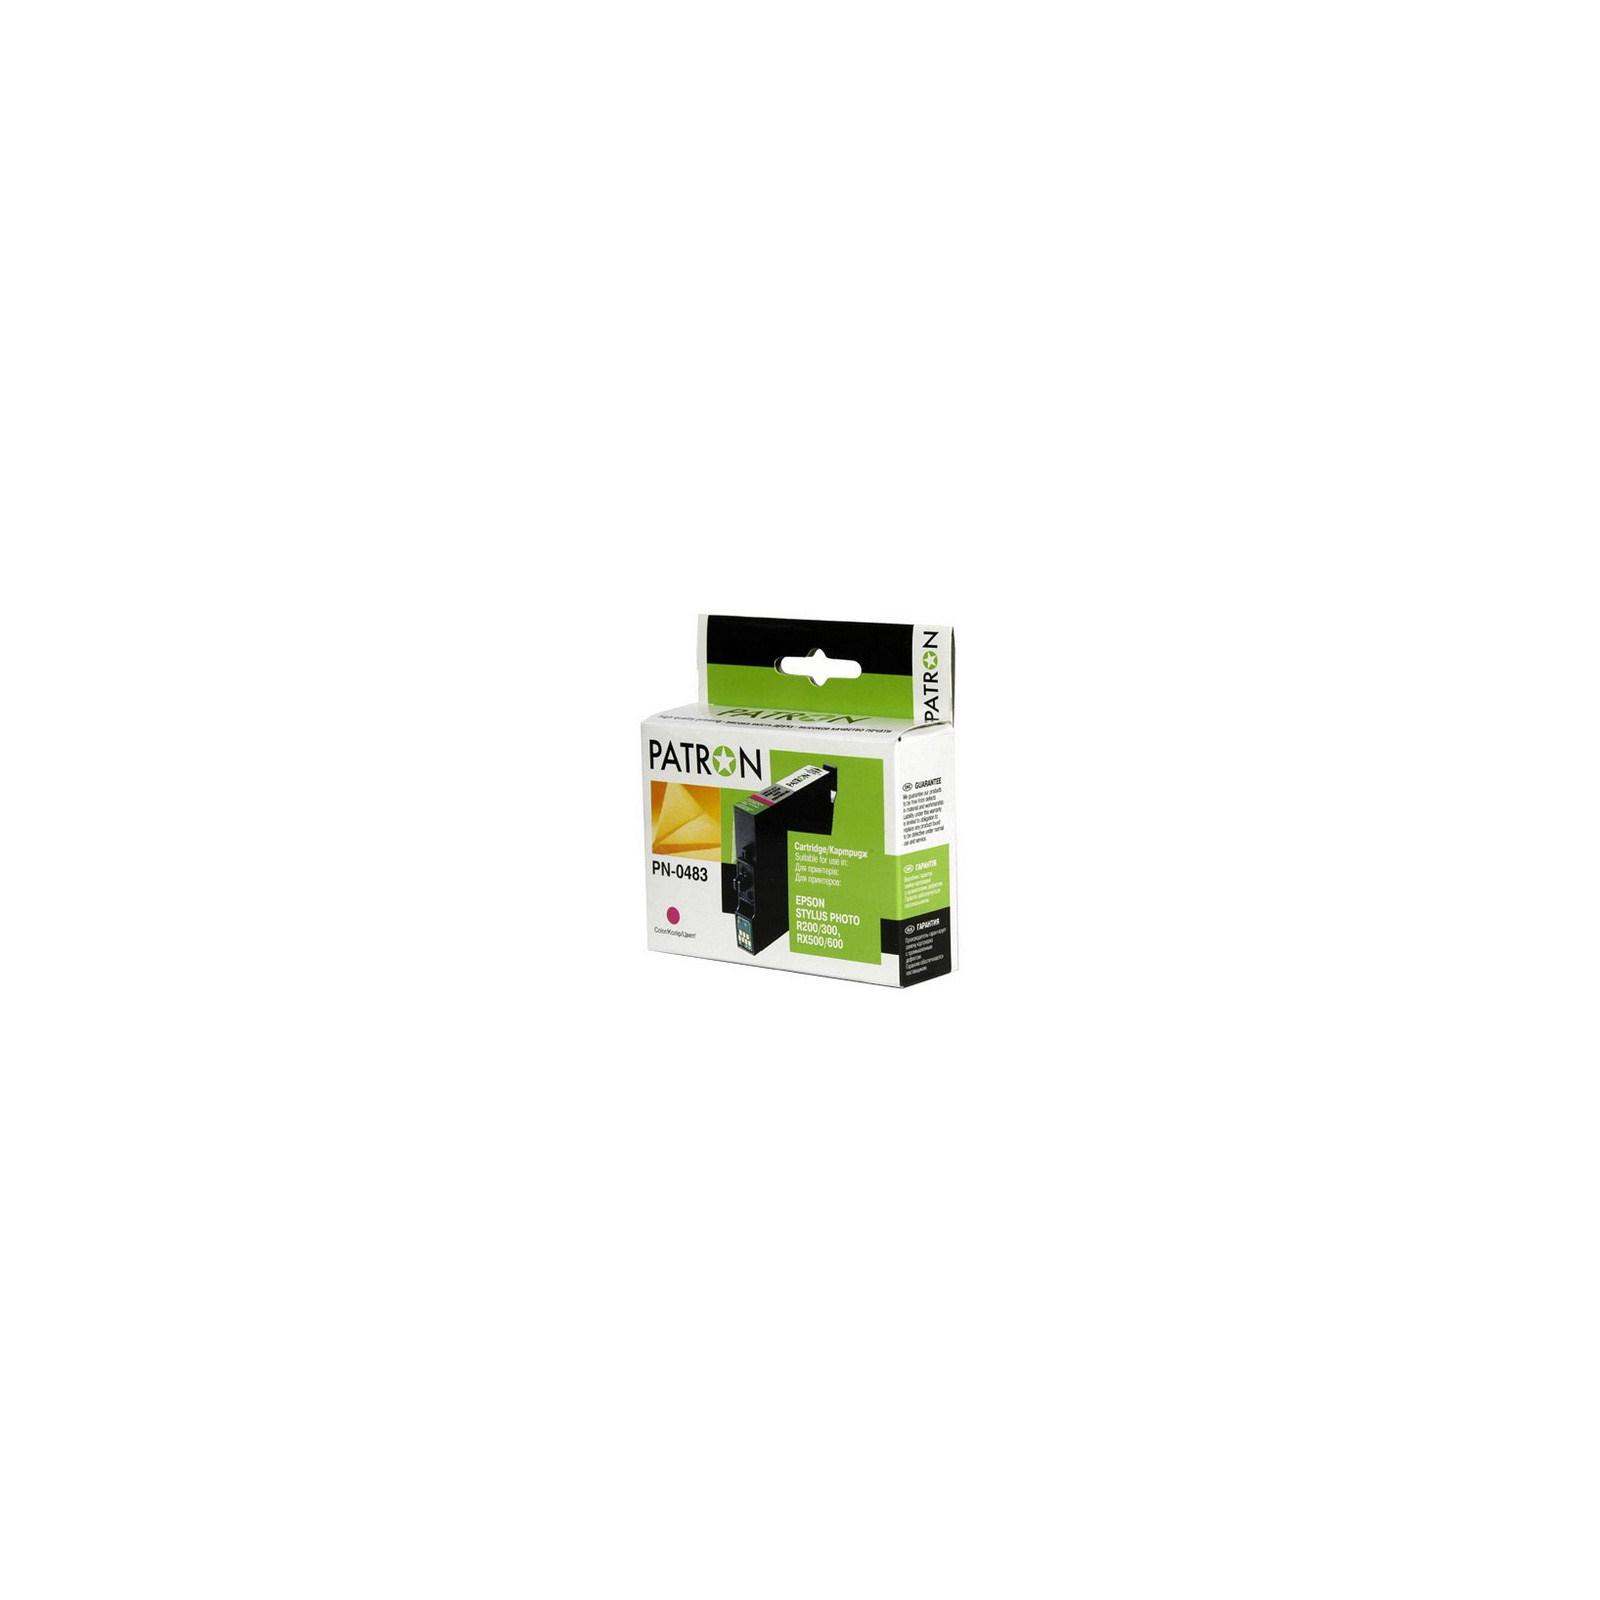 Картридж PATRON для EPSON R200/300 (PN-0483)MAGENTA (CI-EPS-T048340-M-PN)